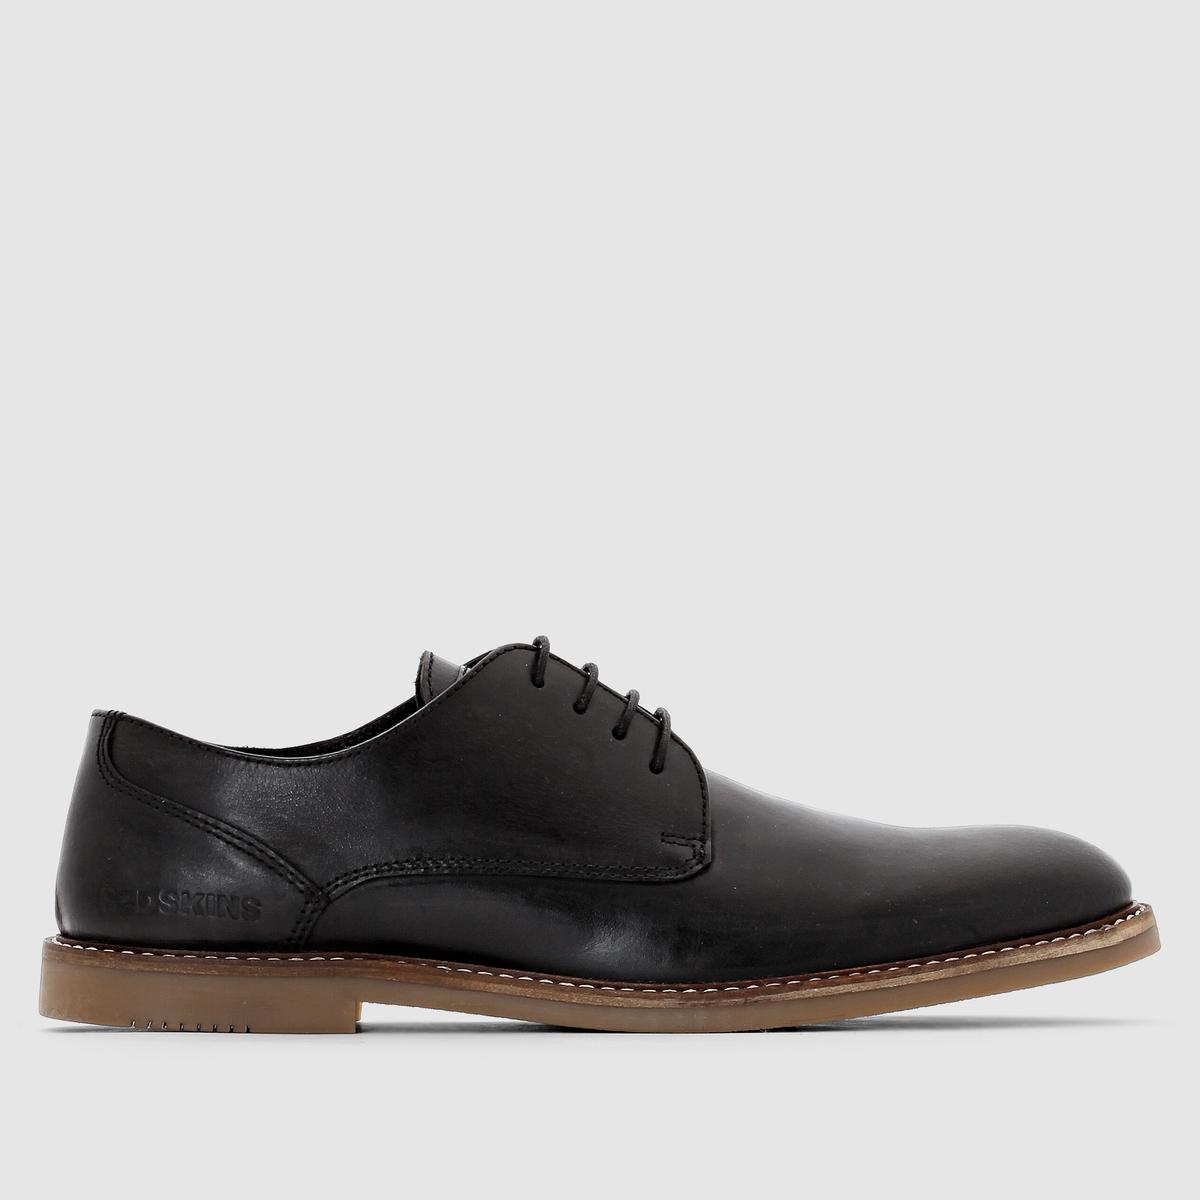 Ботинки-дерби кожаные Wandor от REDSKINS